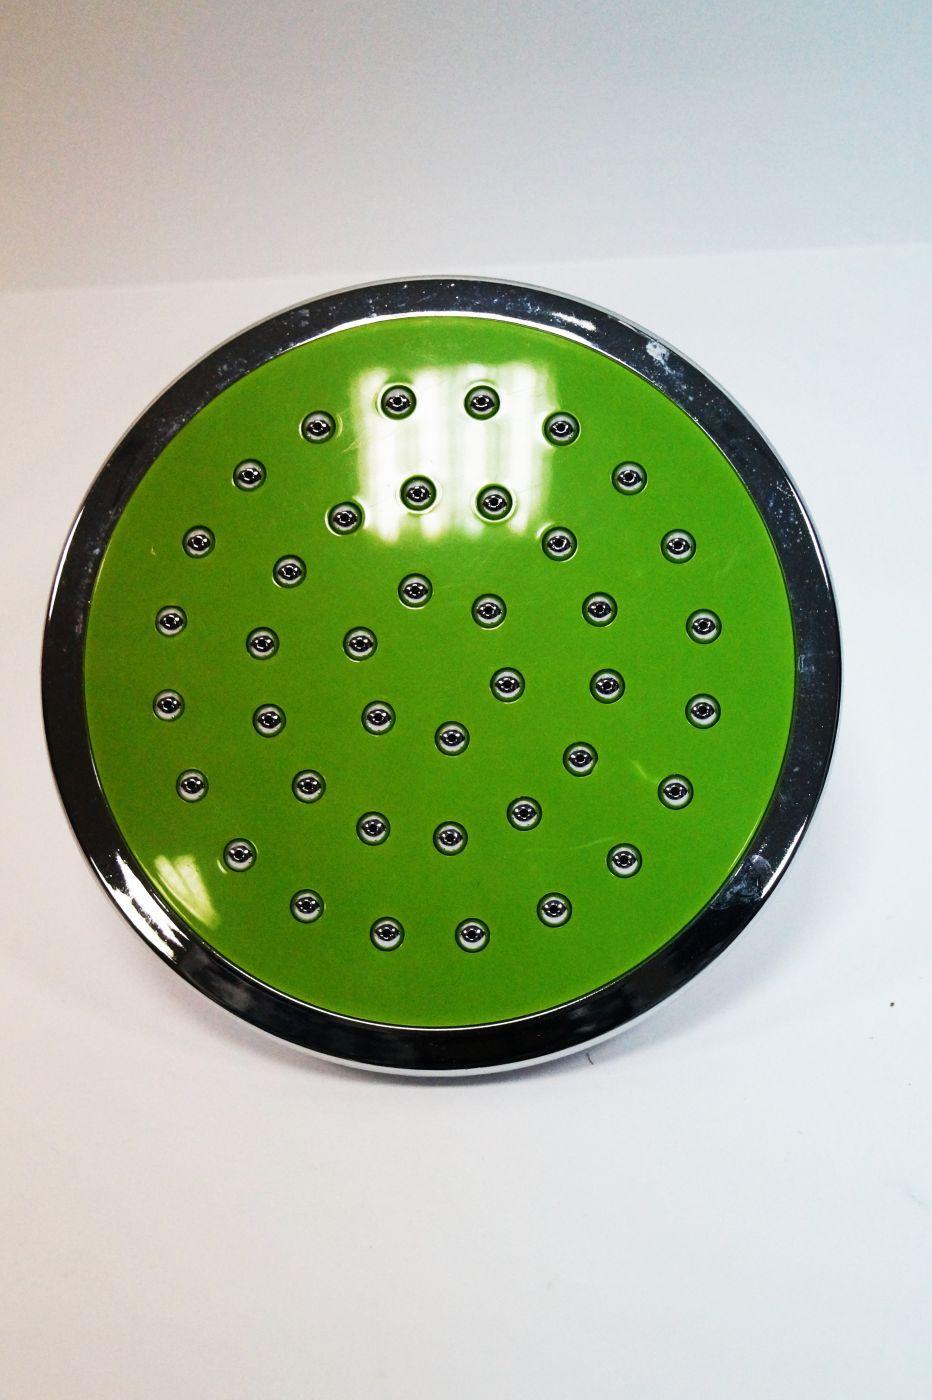 АА-112, Круглая, зеленая, потолочная лейка, с вставками